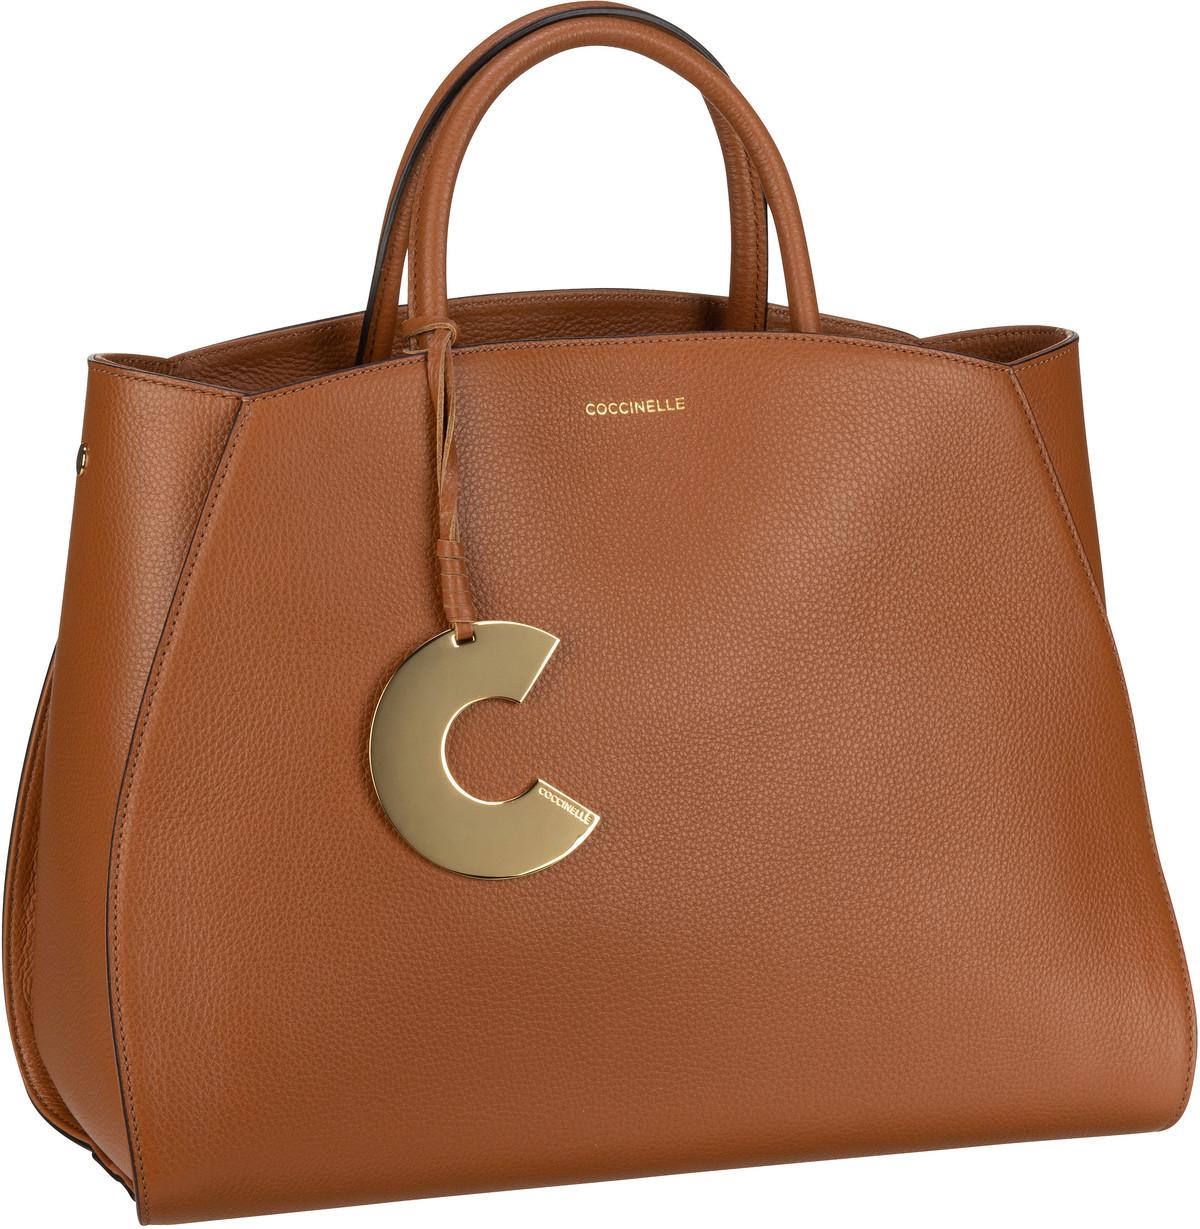 Handtasche Concrete 1802 Caramel